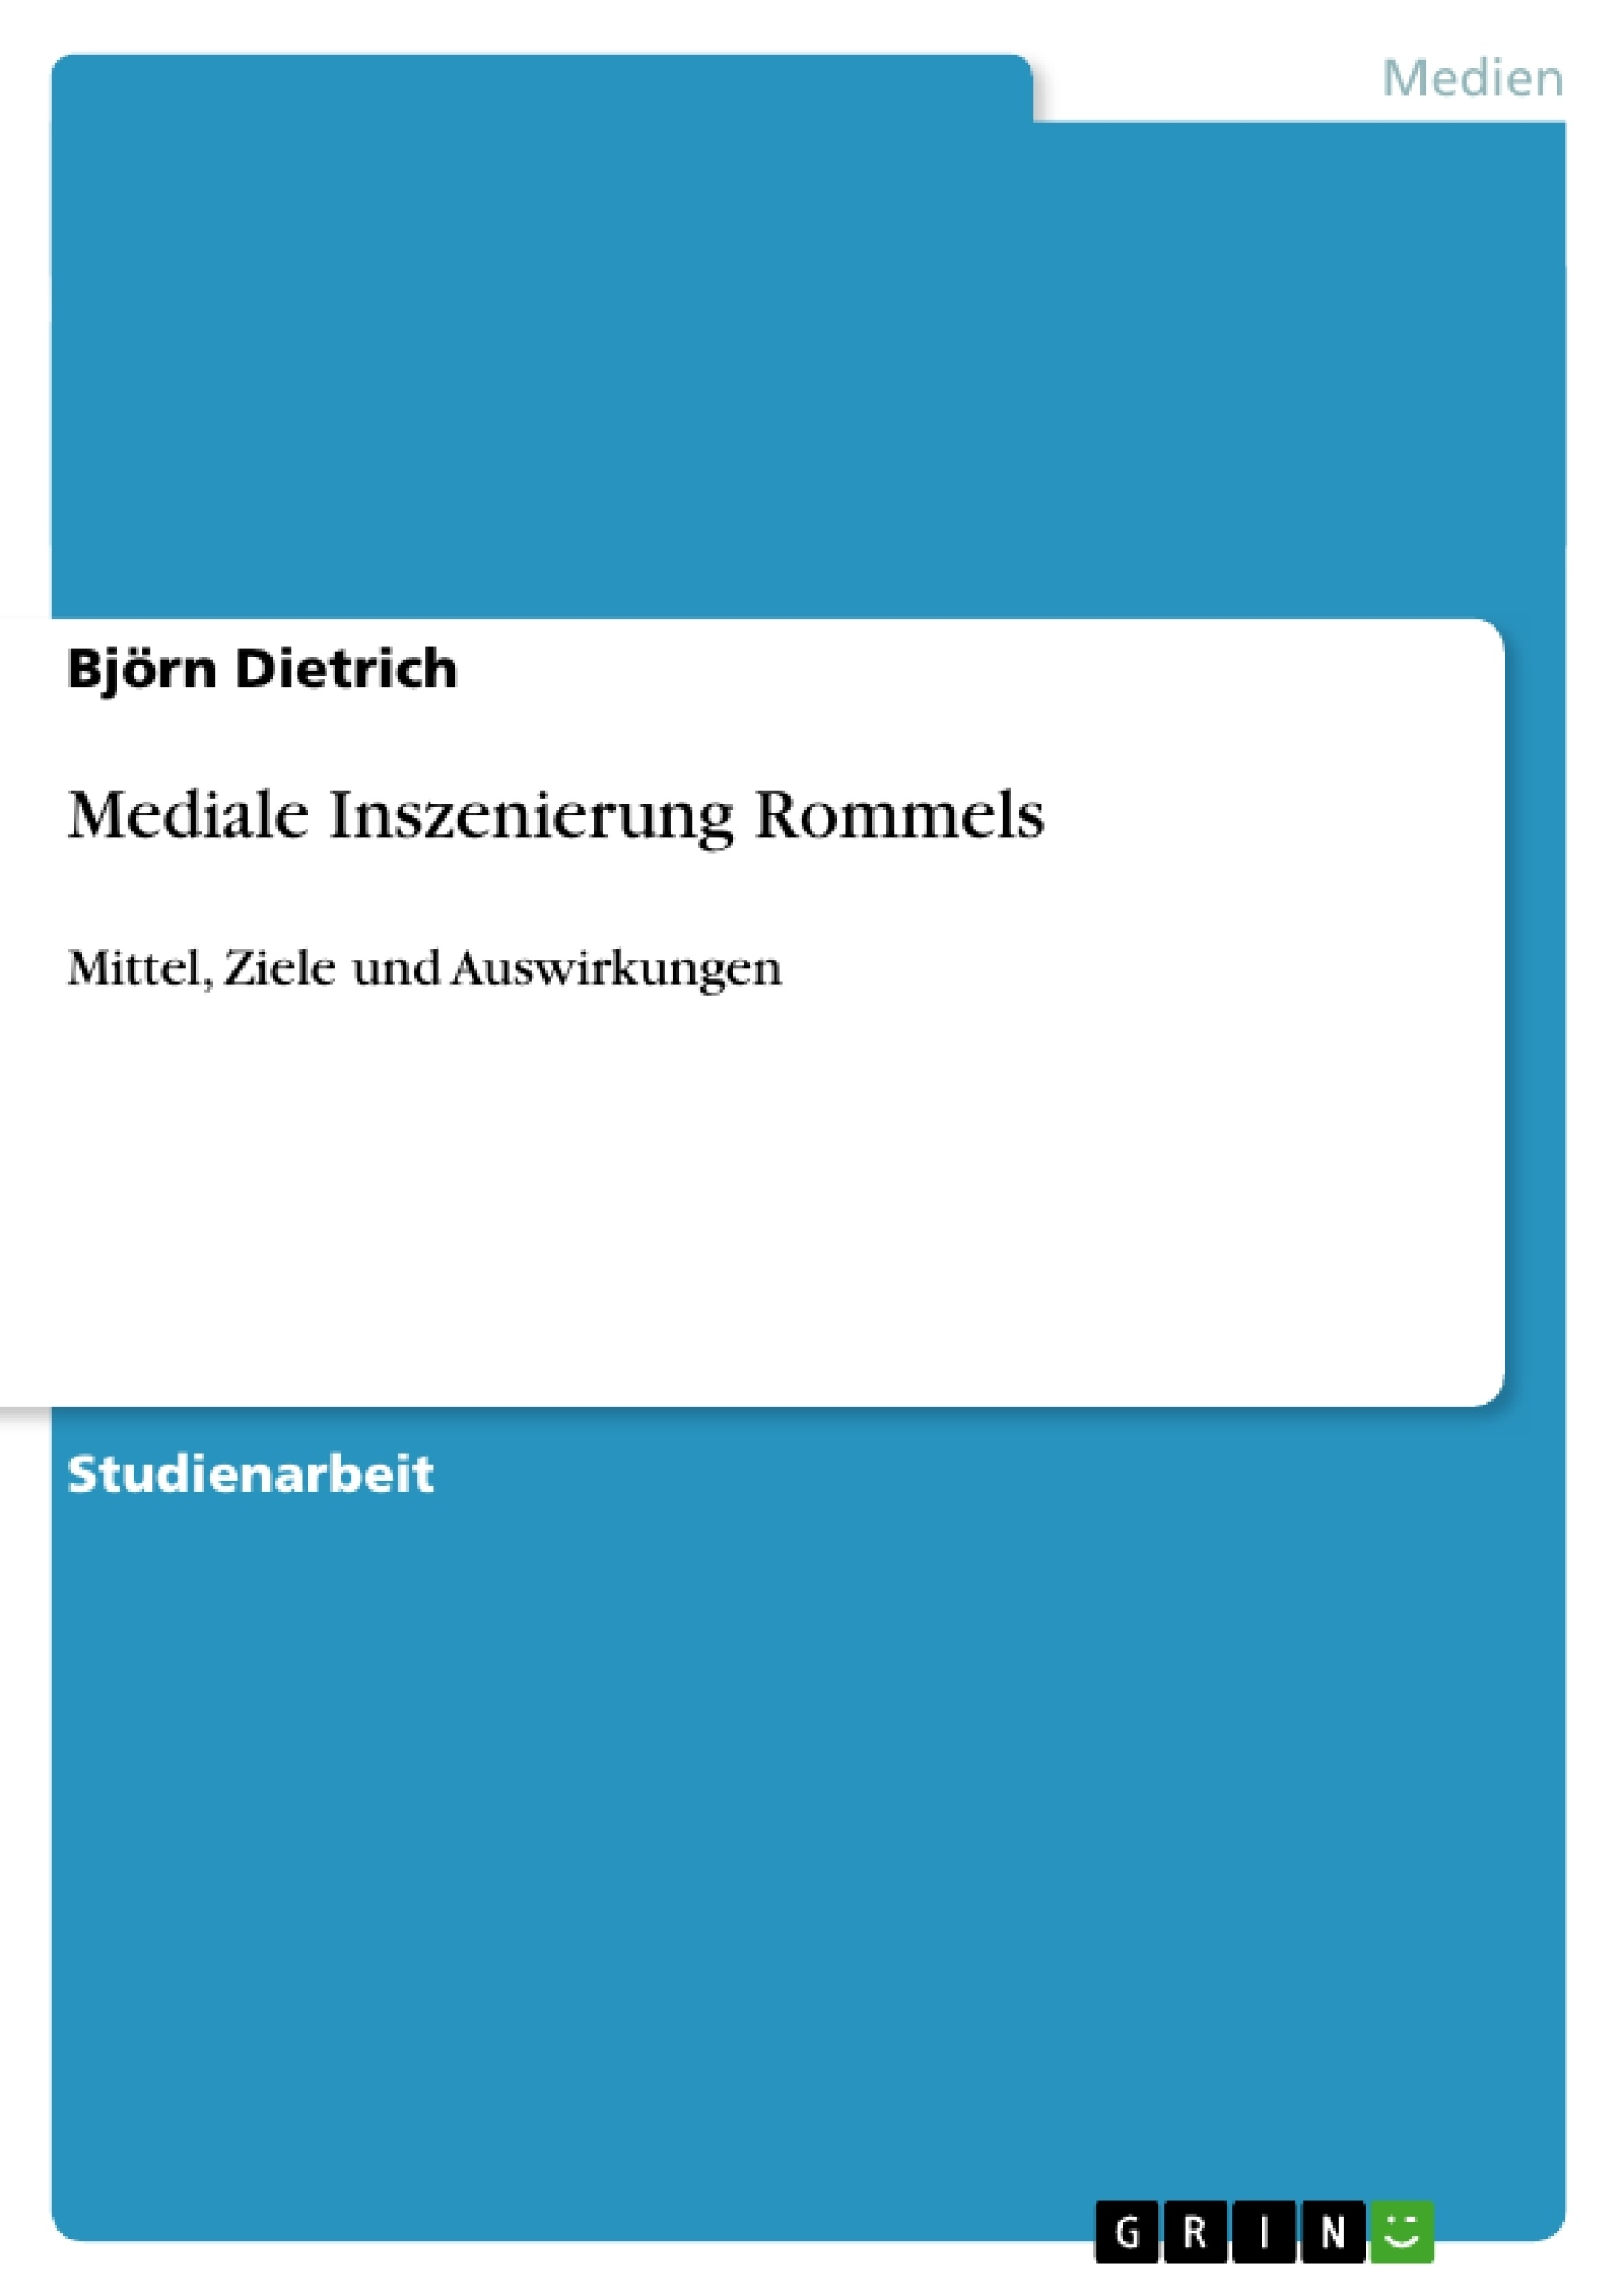 Titel: Mediale Inszenierung Rommels